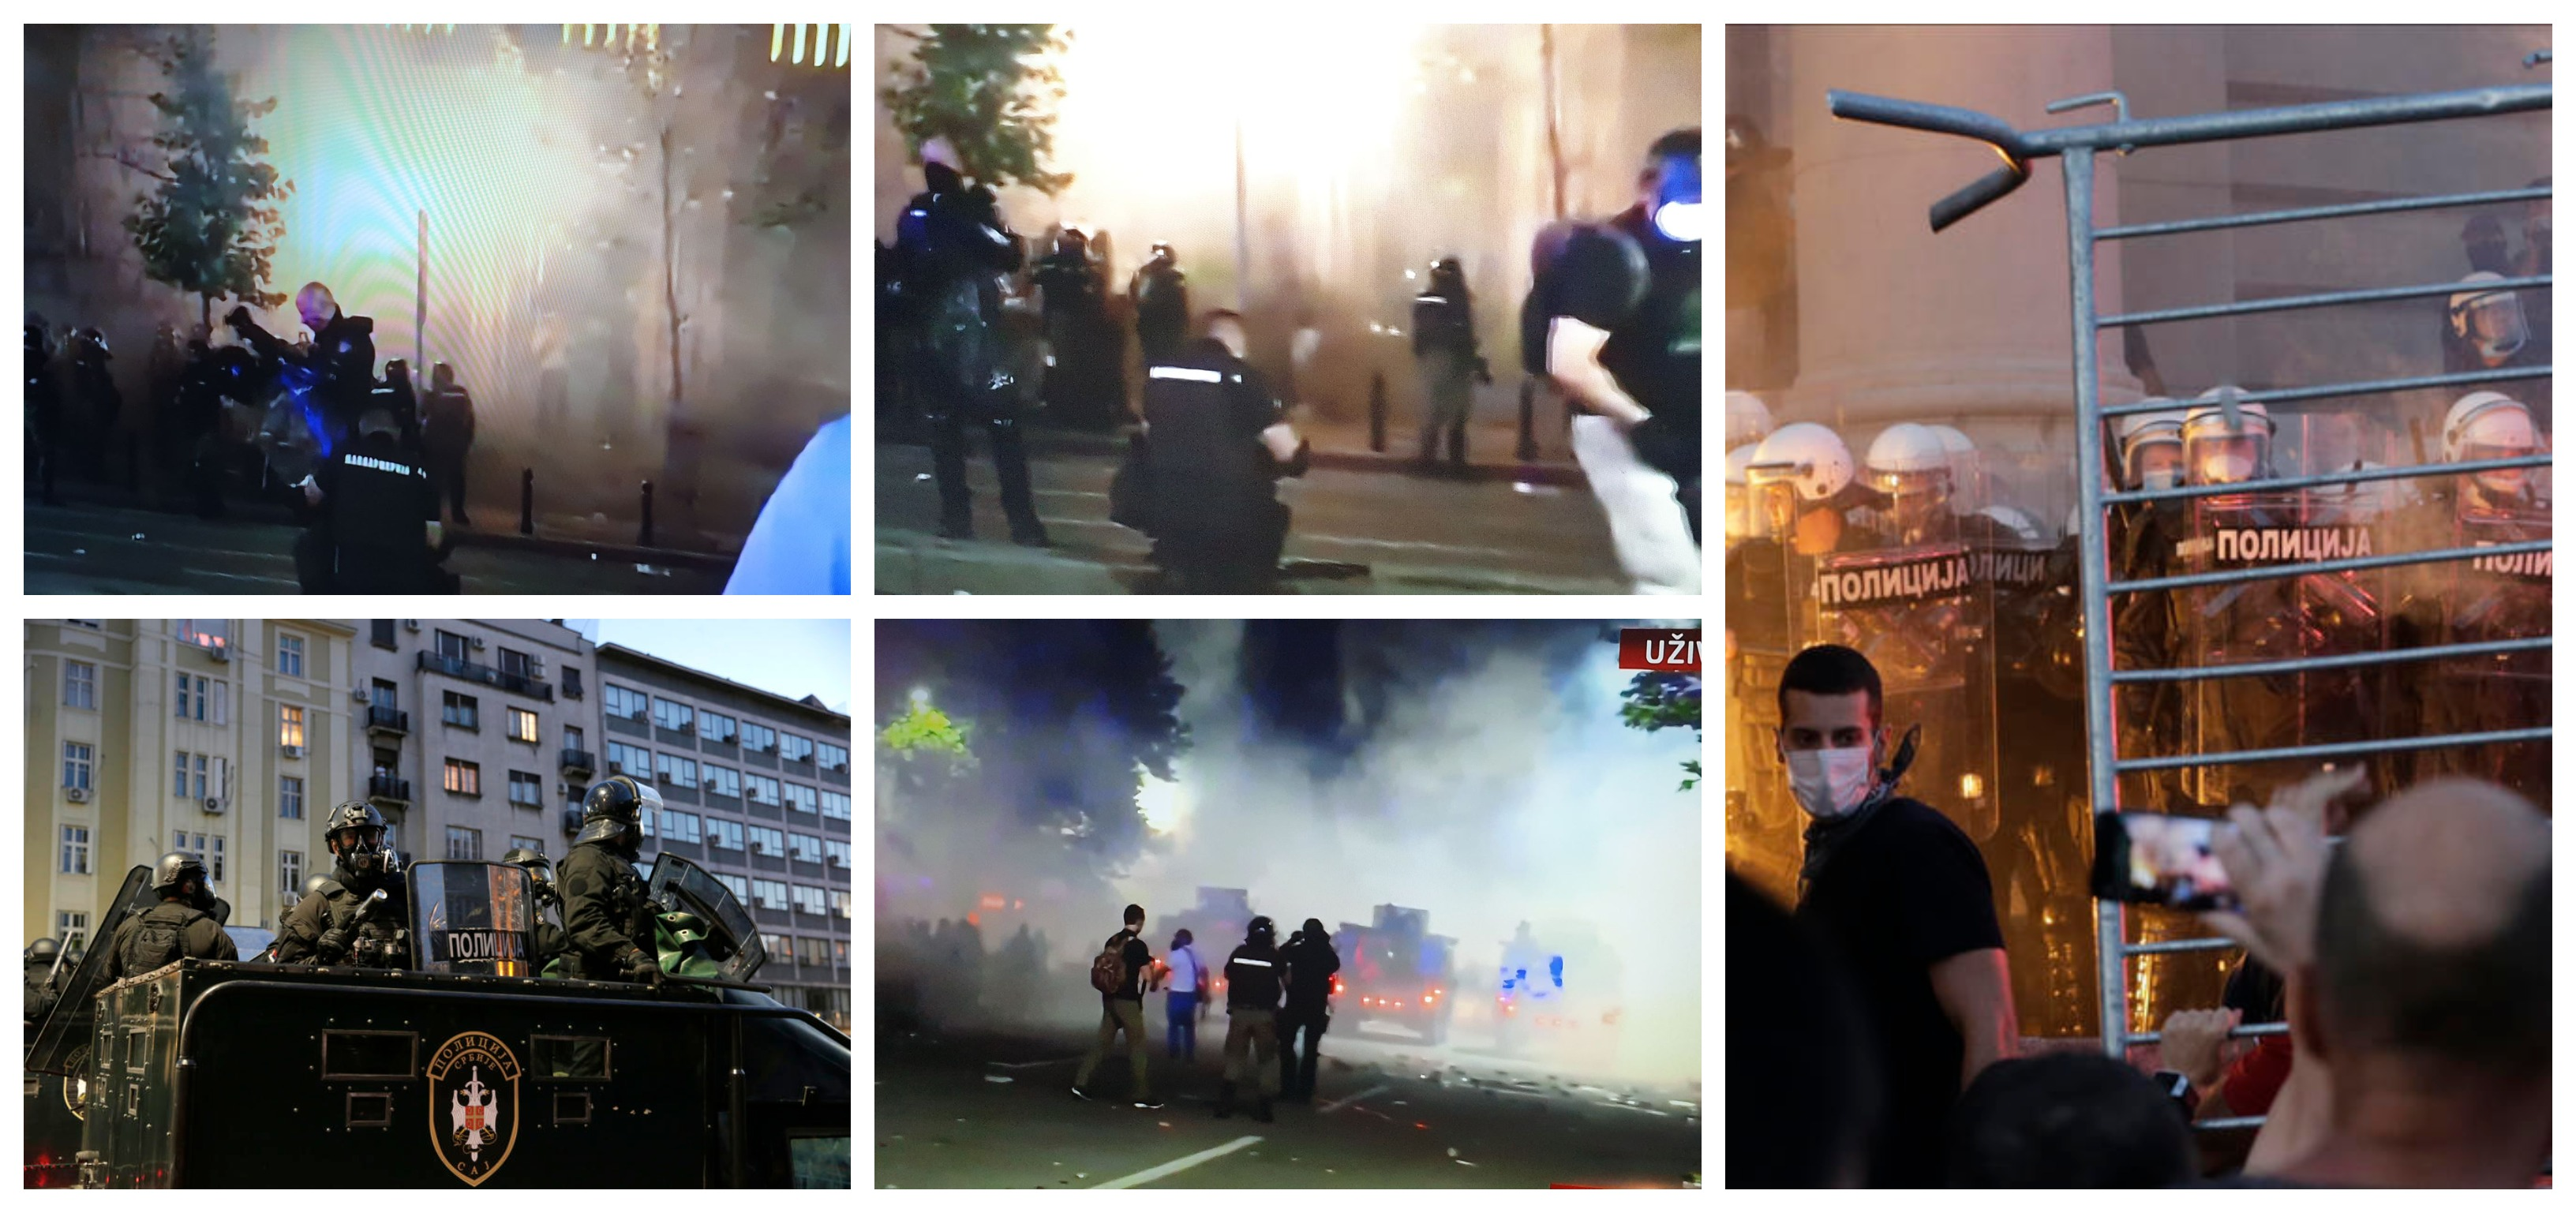 Filmske scene u Beogradu, šest sati nasilja i incidenata